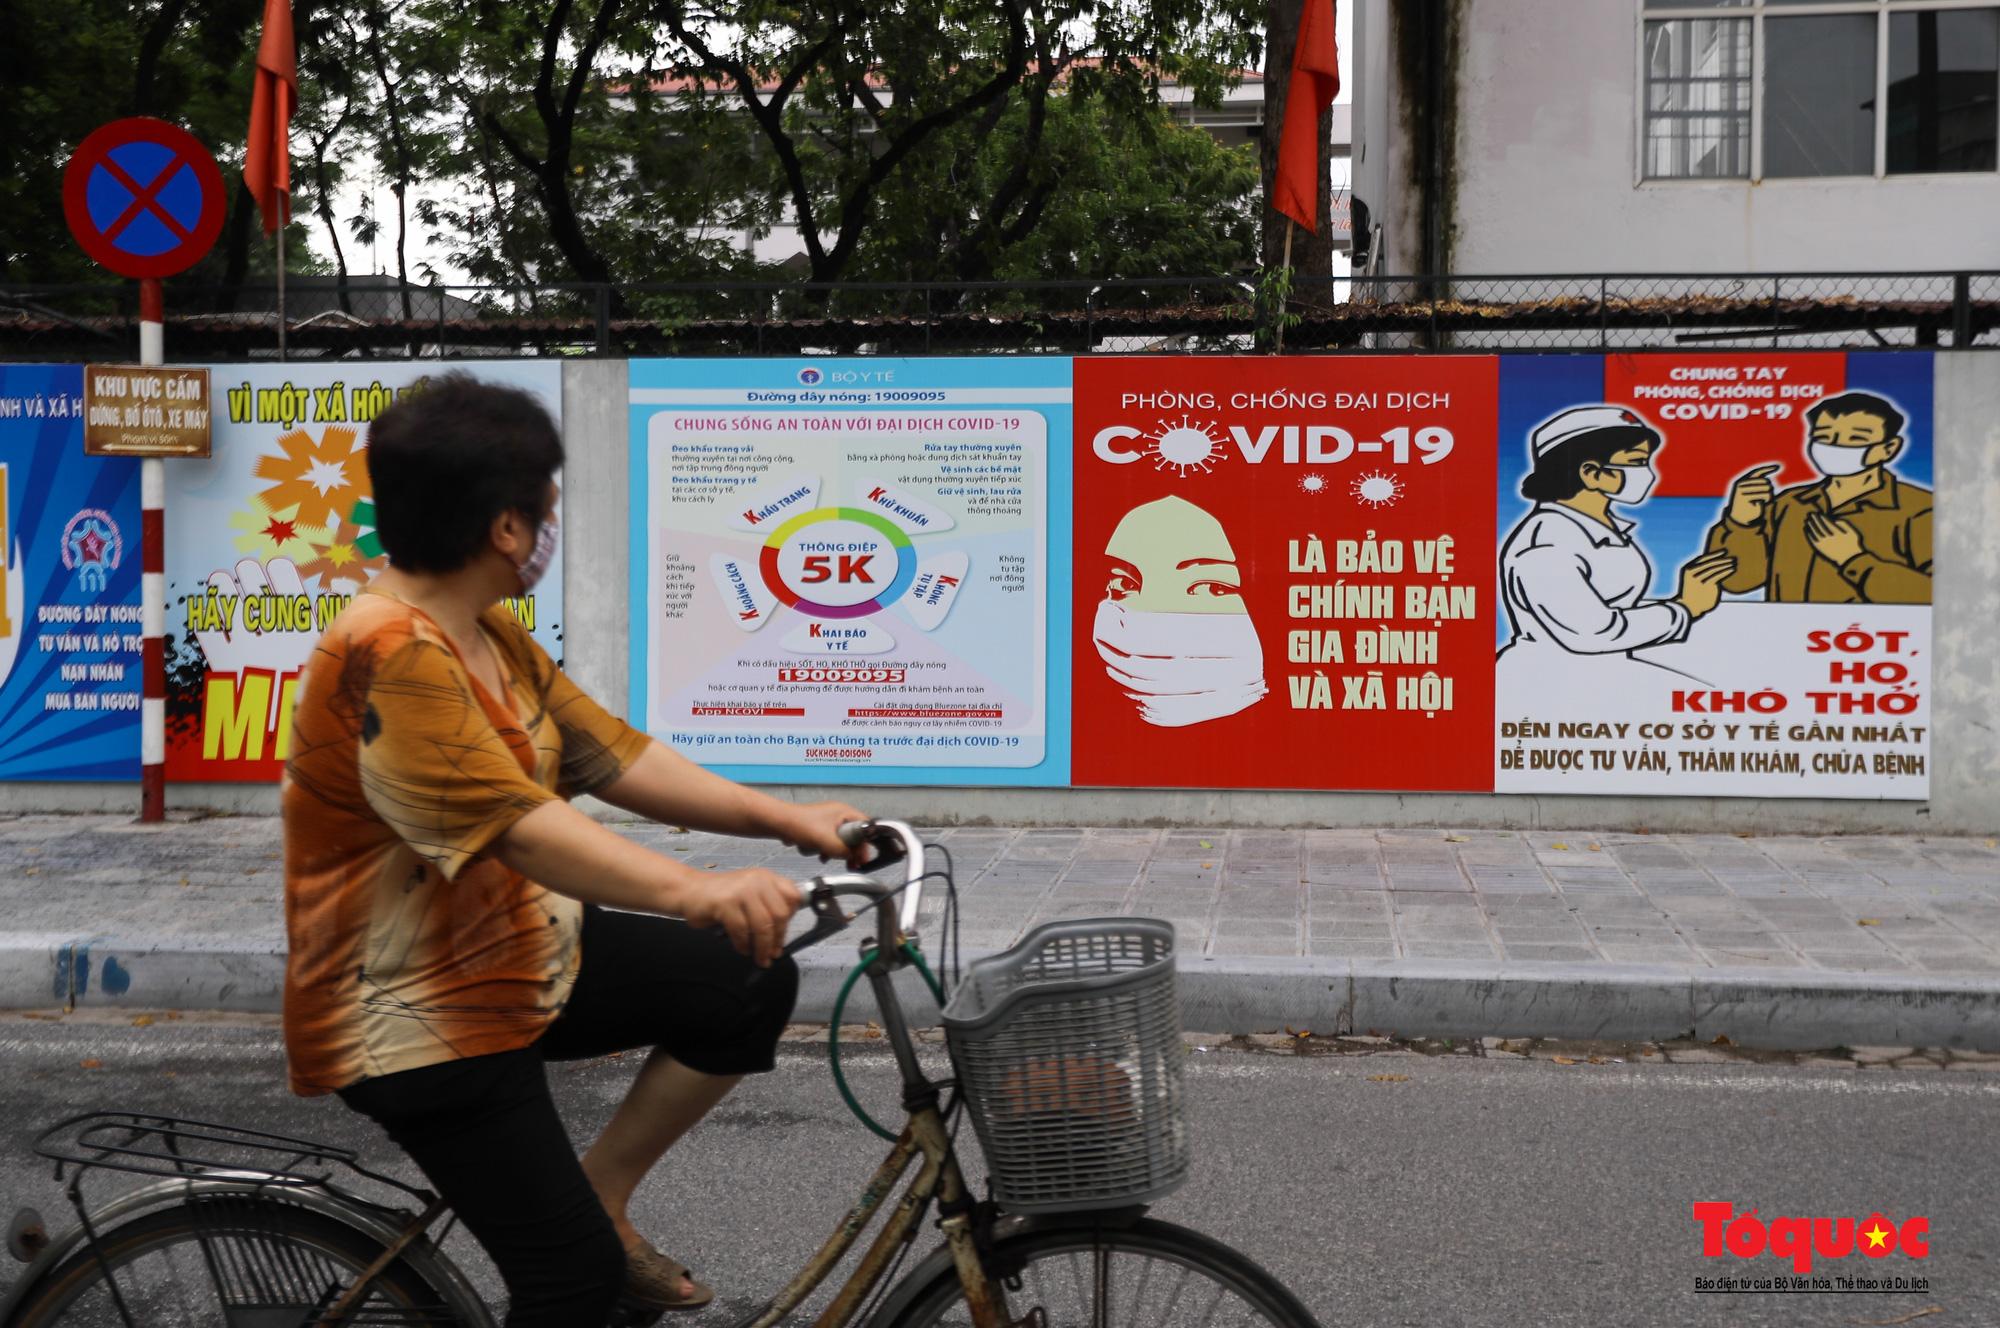 Pano, hình ảnh cổ động phòng chống dịch COVID-19 trên khắp đường phố Hà Nội - Ảnh 7.